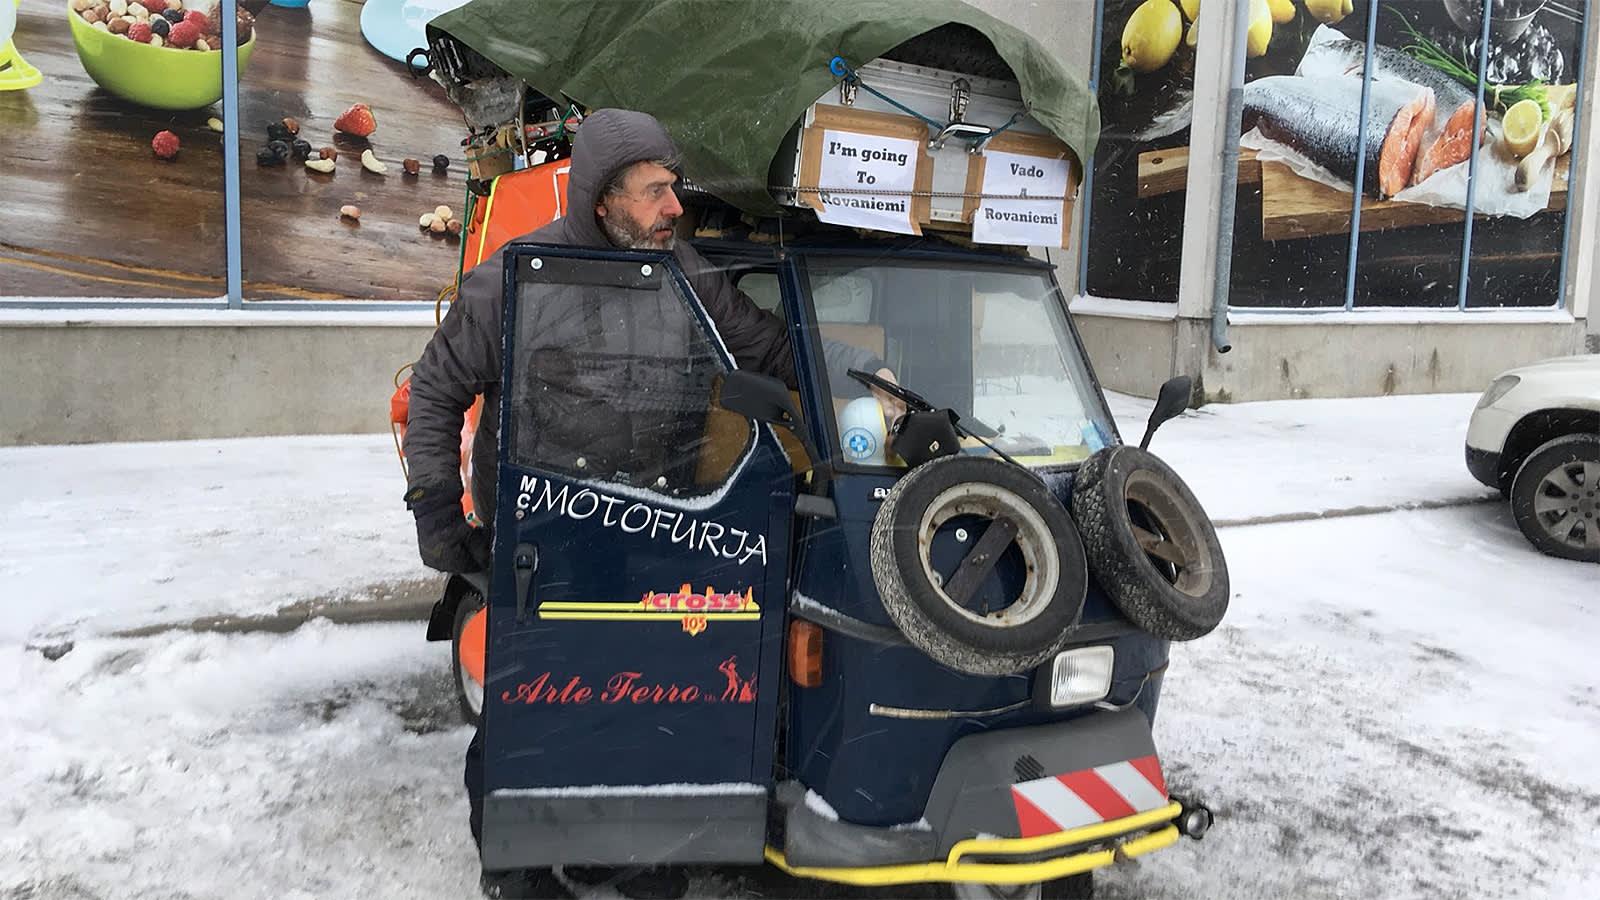 Mies ja hänen täyteen lastattu tavaramoponsa kaupan parkkipaikalla